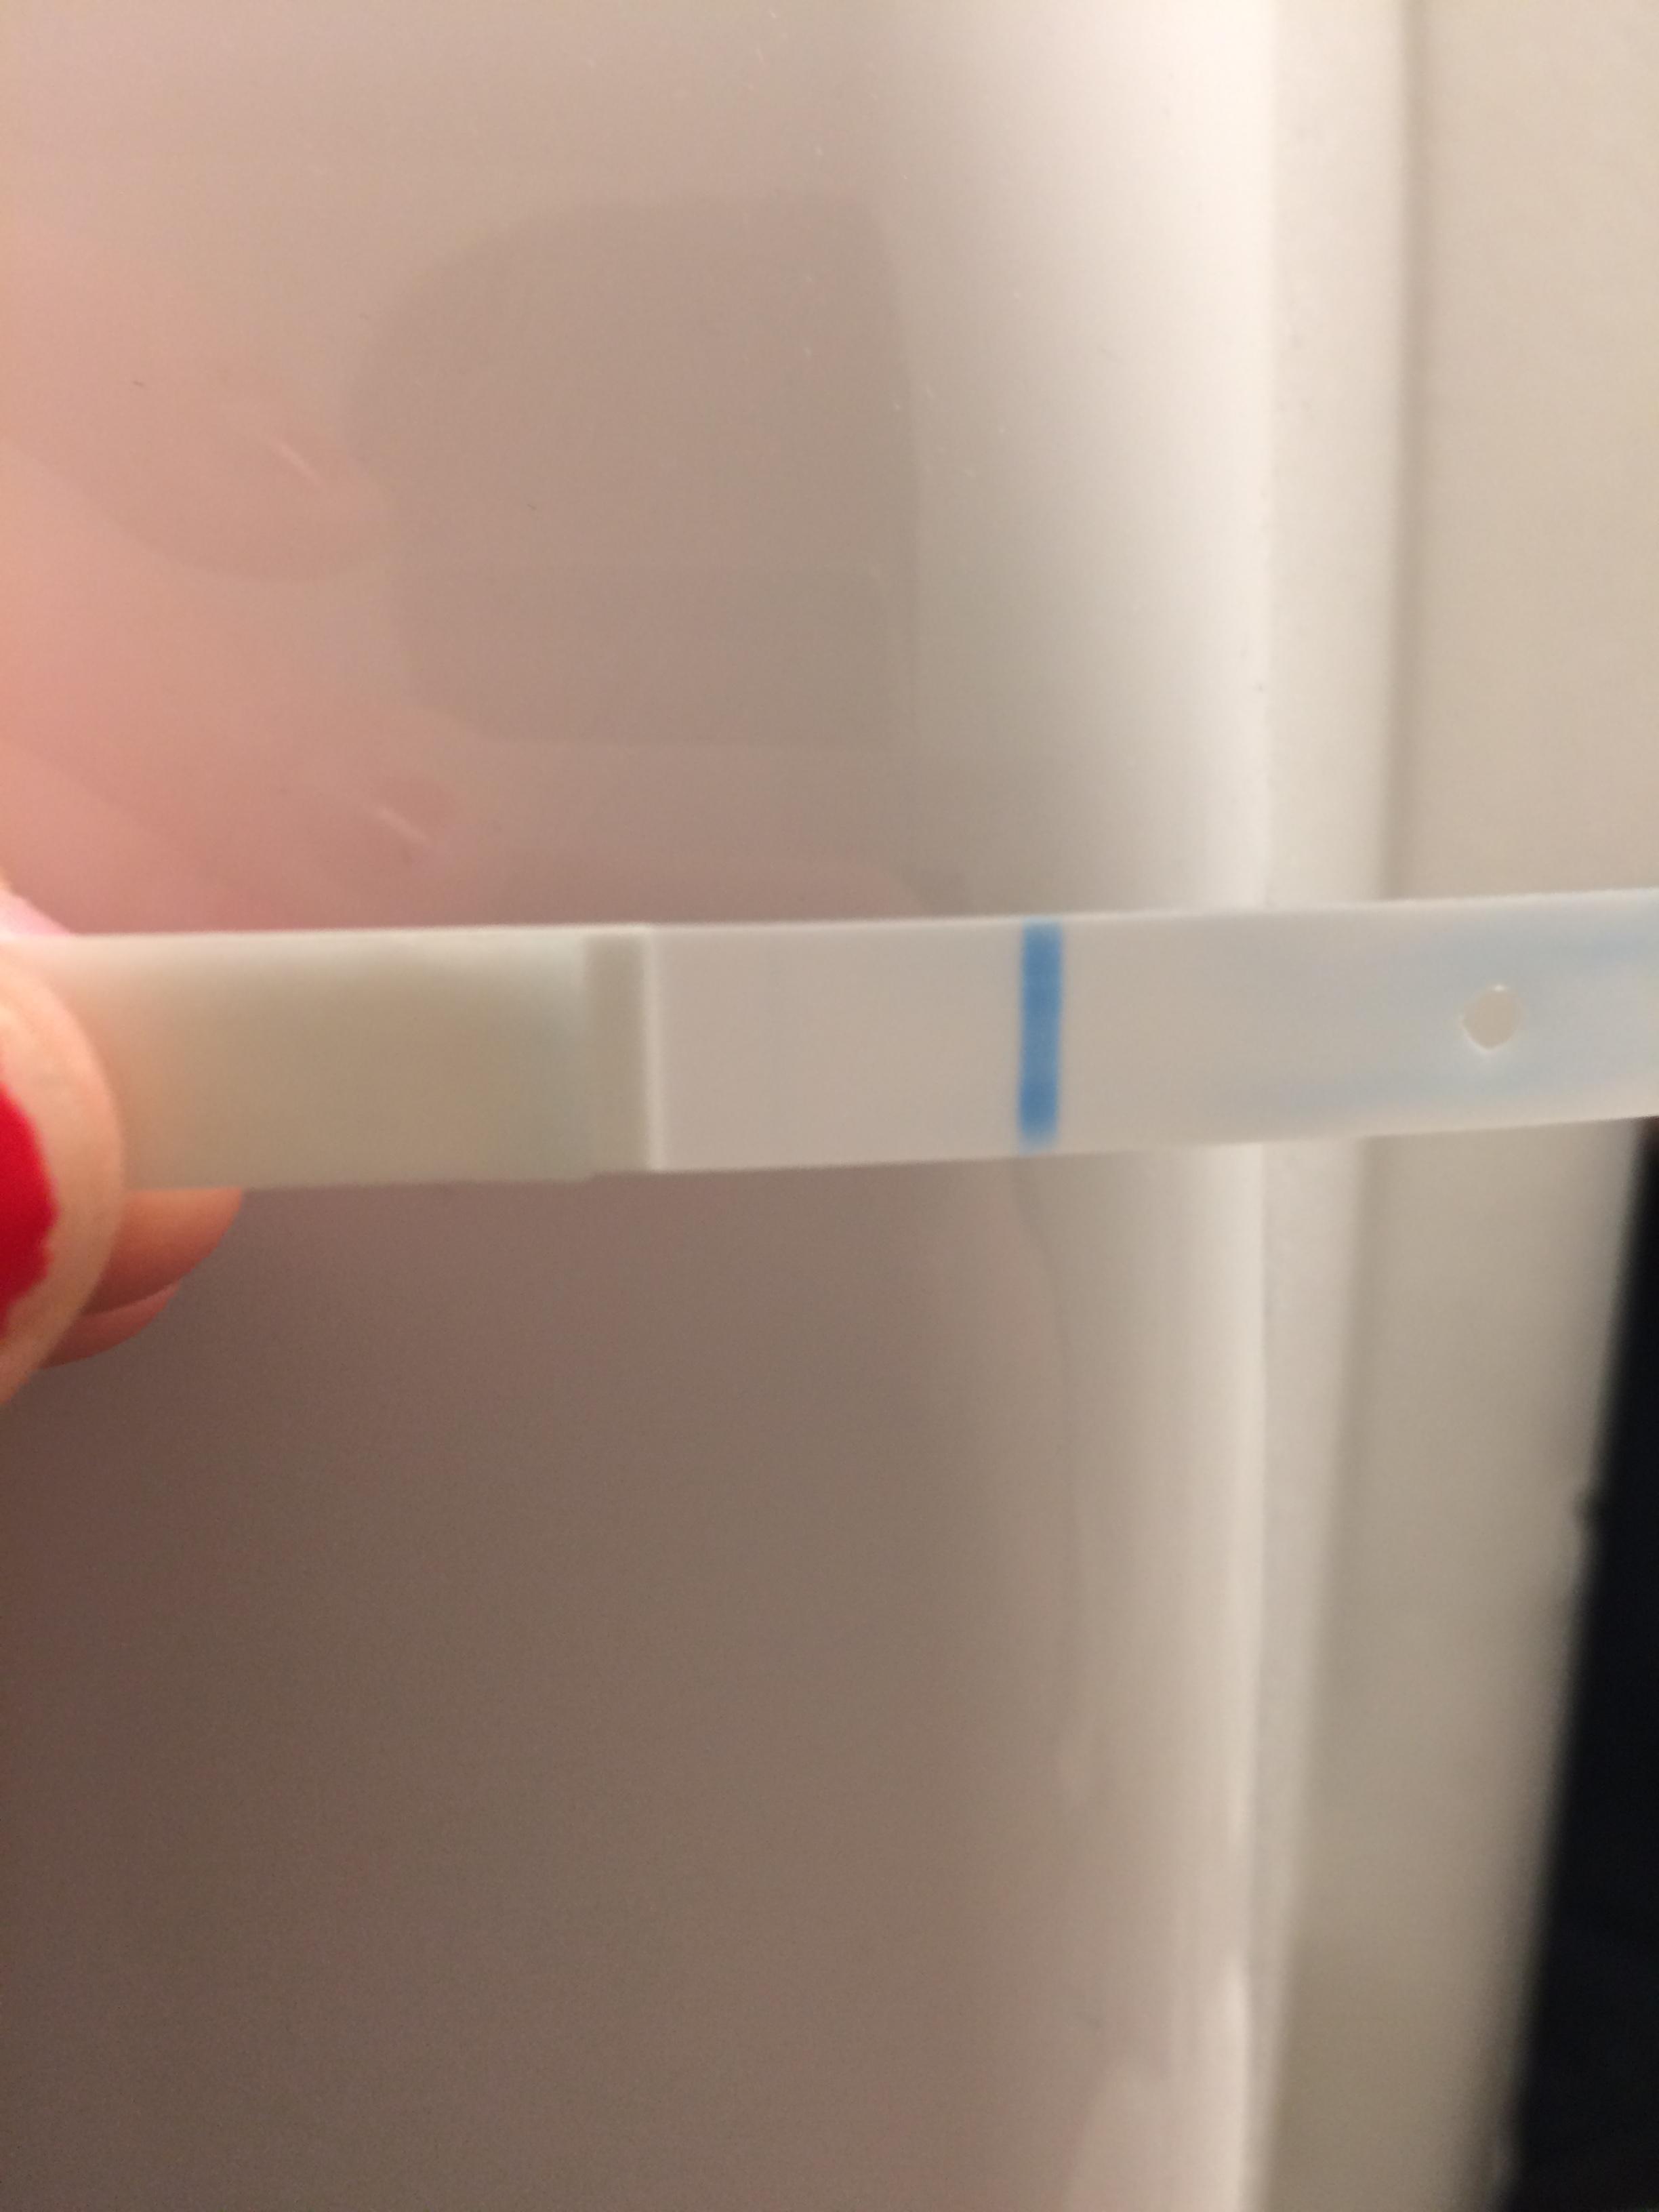 Graviditetstest apotekets Få hurtigt